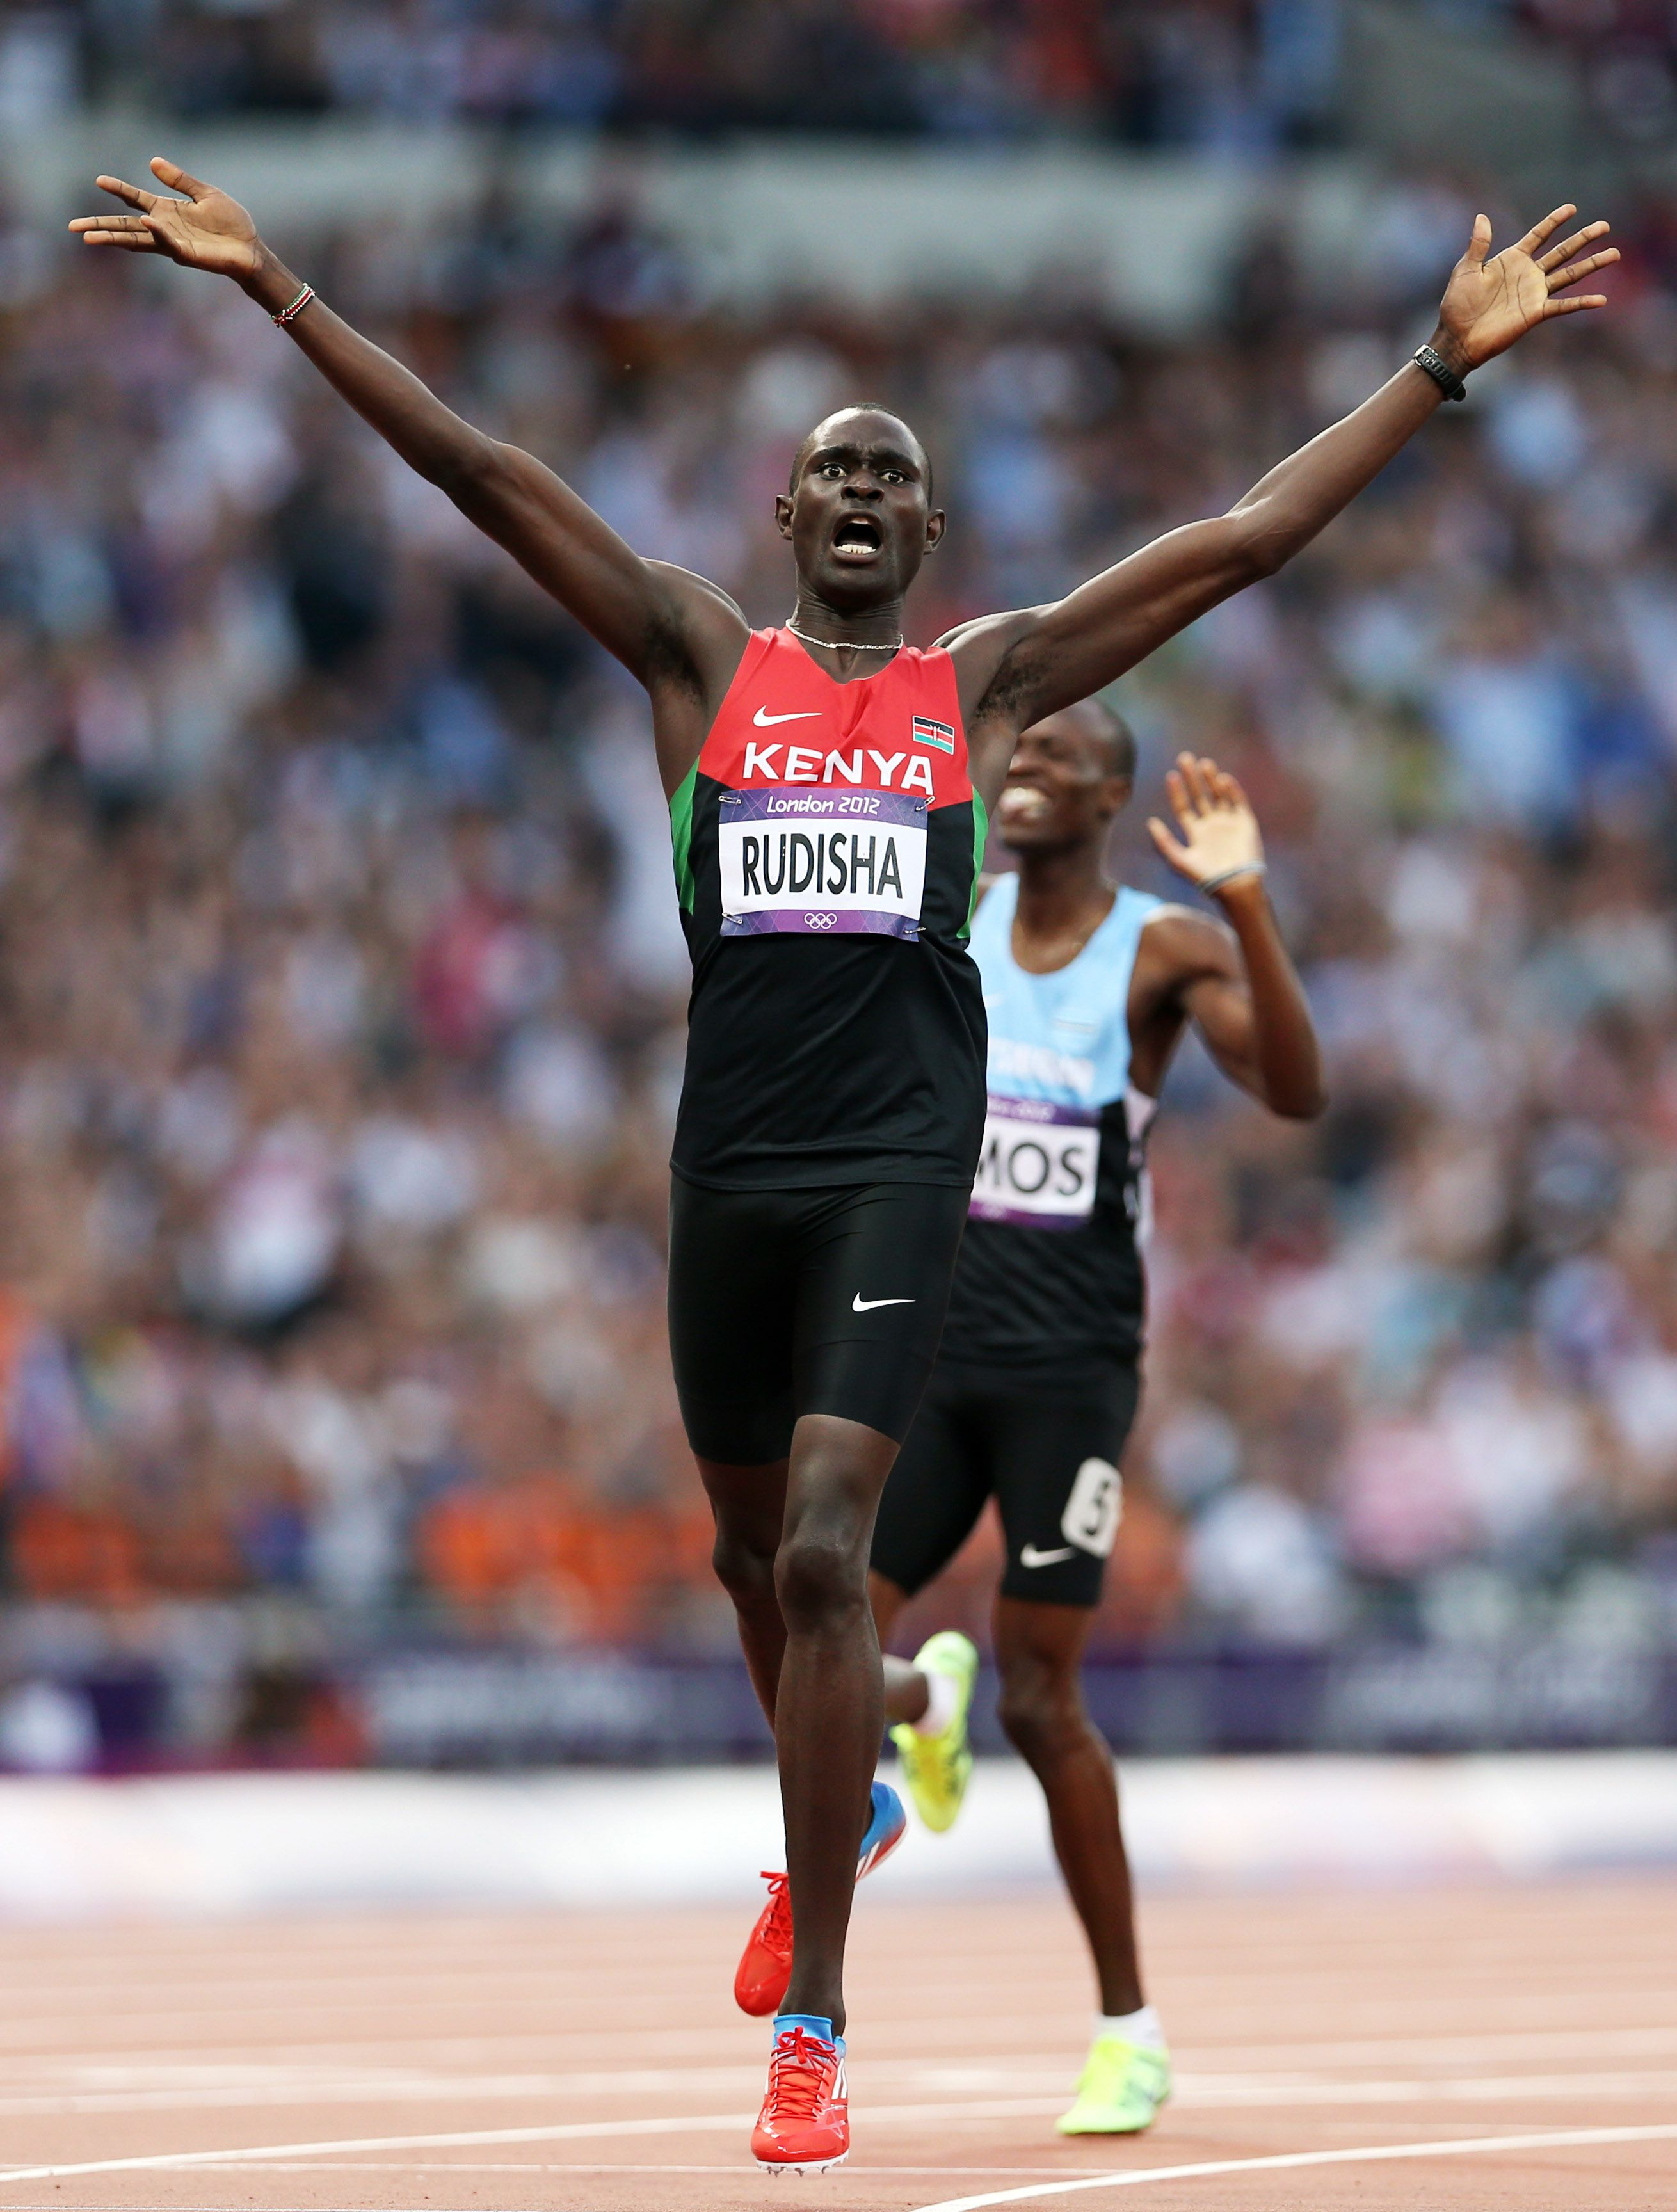 David Rudisha: Profile of 800-Meter Runner